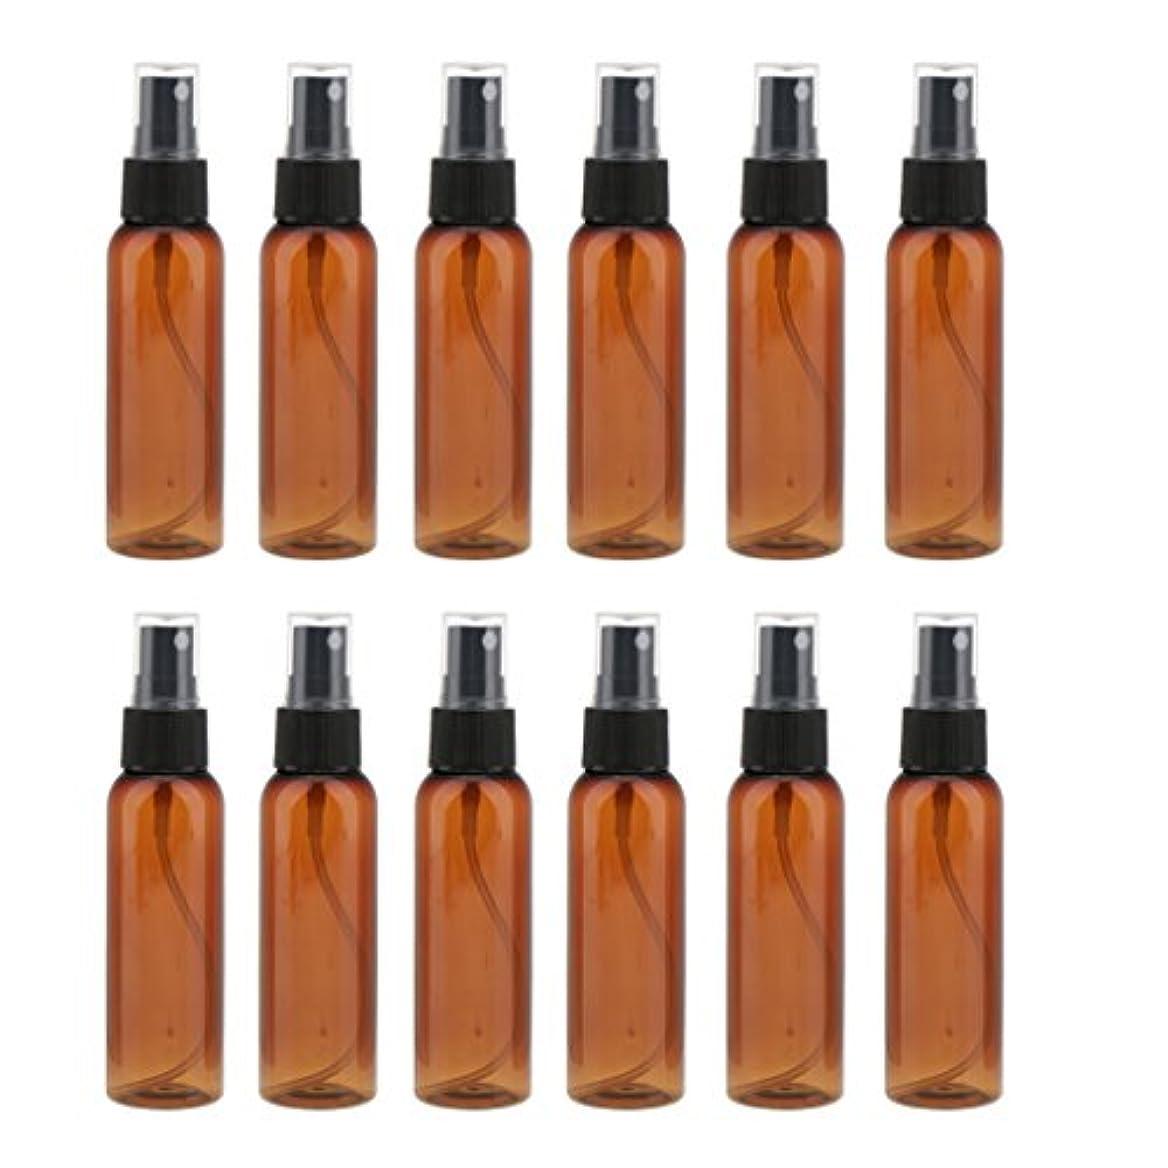 加入サイトラインガラガラ詰め替え 化粧品容器 コンセプト 空のスプレーボトル 旅行 漏れ防止 60ml 12本 全3色 - ブラック